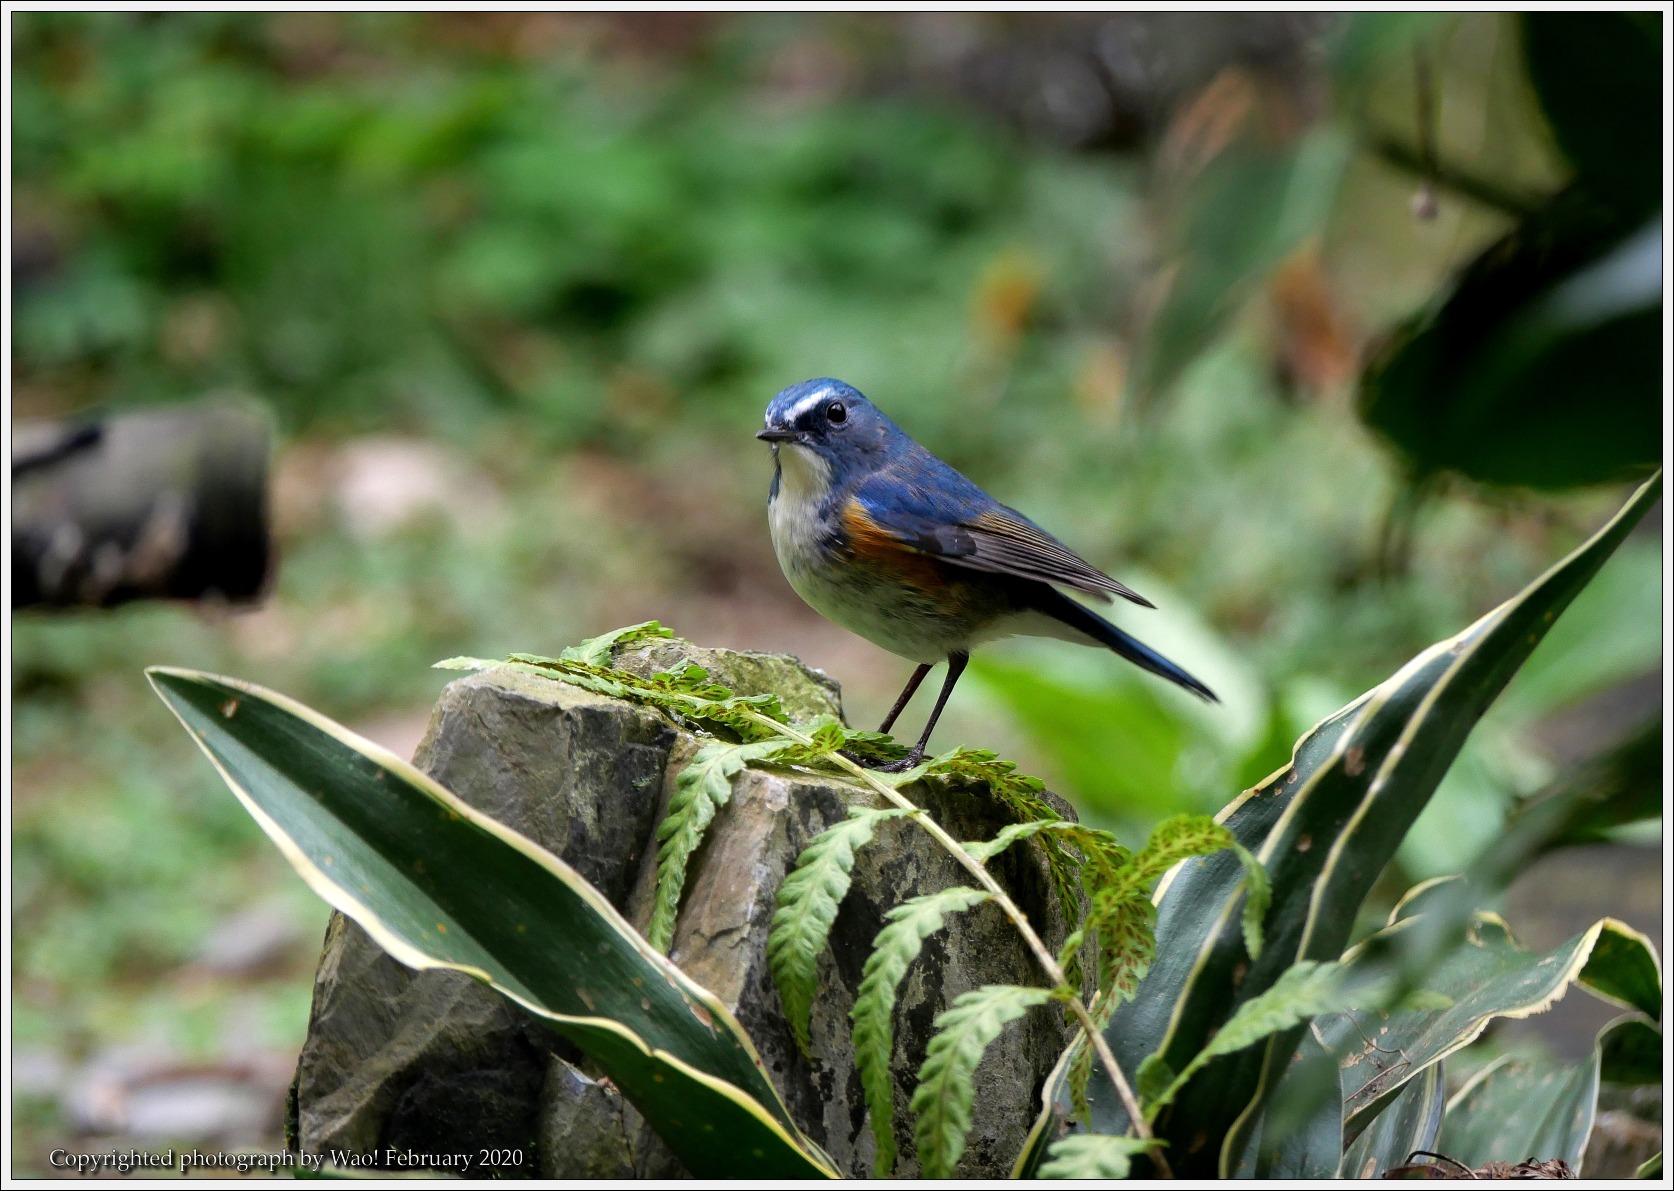 野鳥園のルリ・コマ・キビタキ_c0198669_14143876.jpg